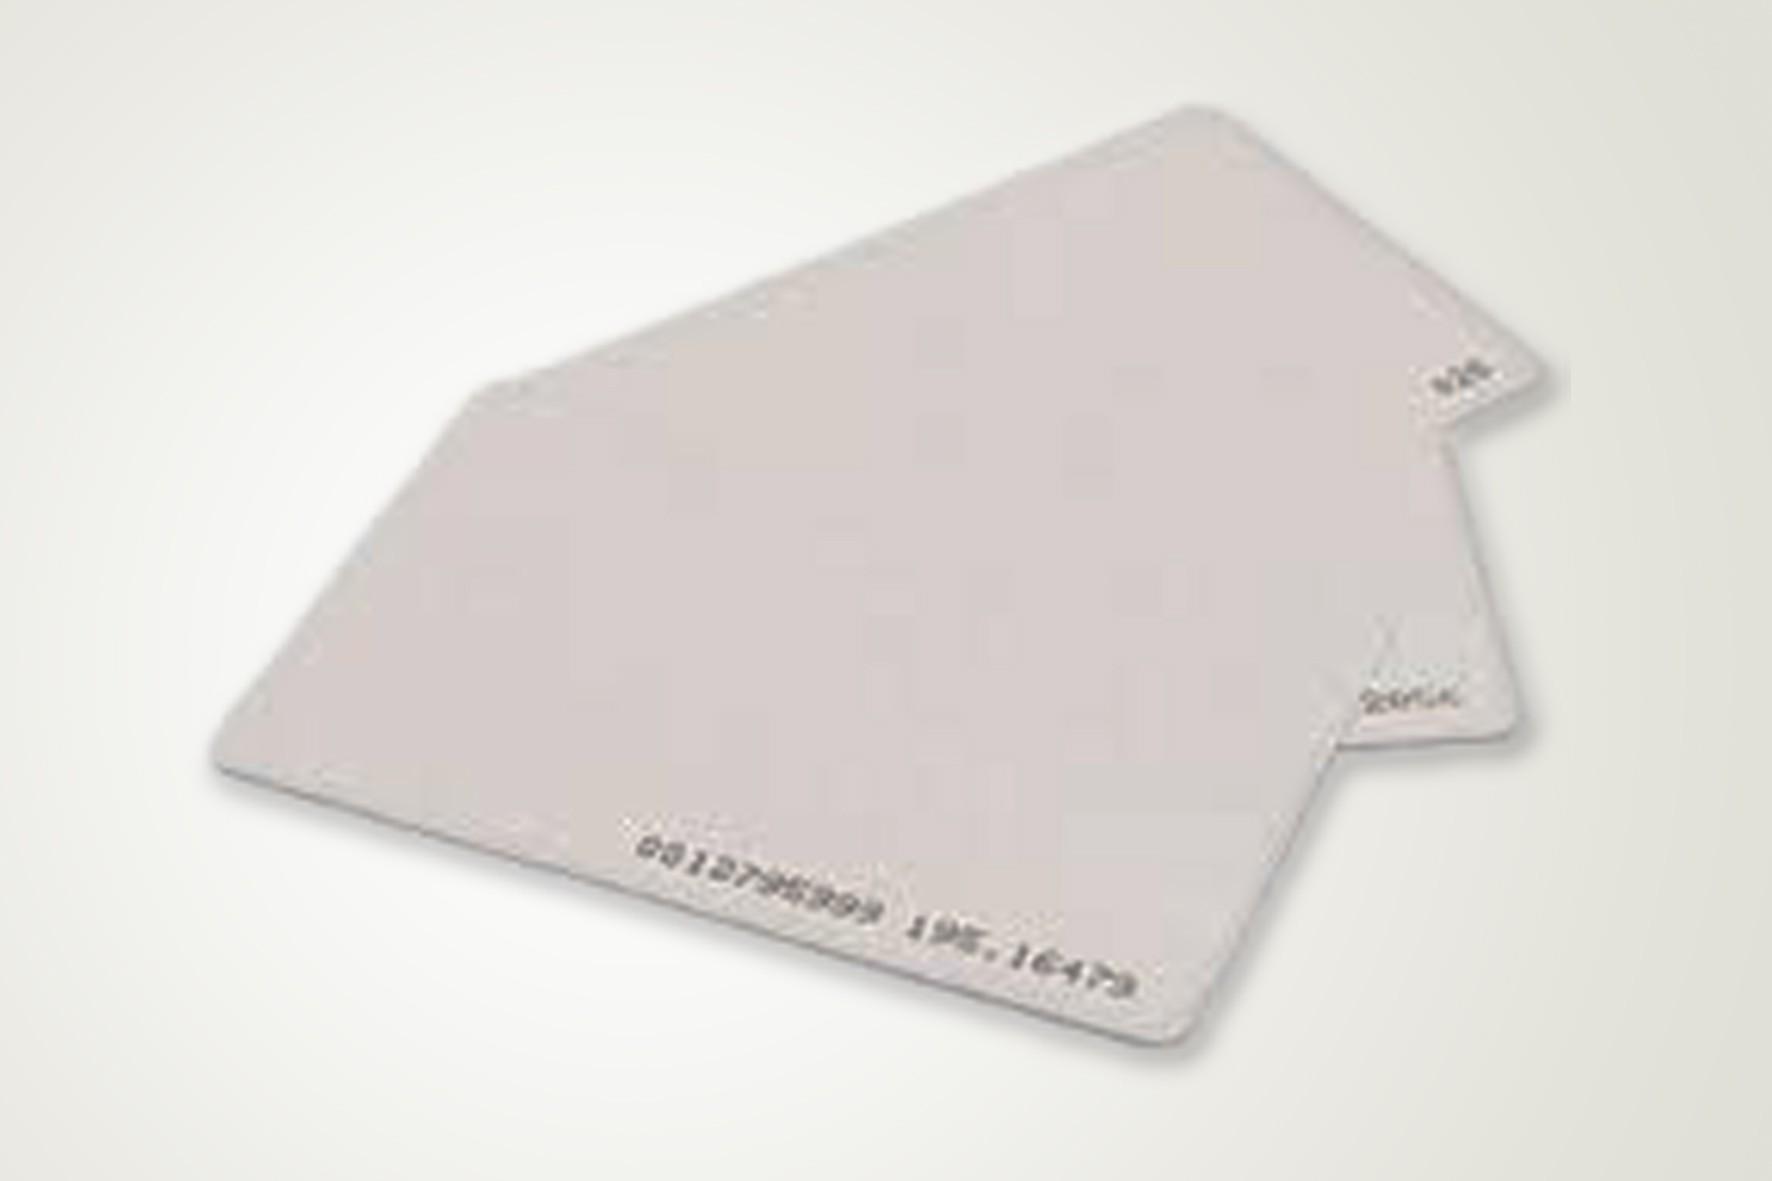 Cartões com Chip de Proximidade no Jardim Avenida - Calendário Personalizado